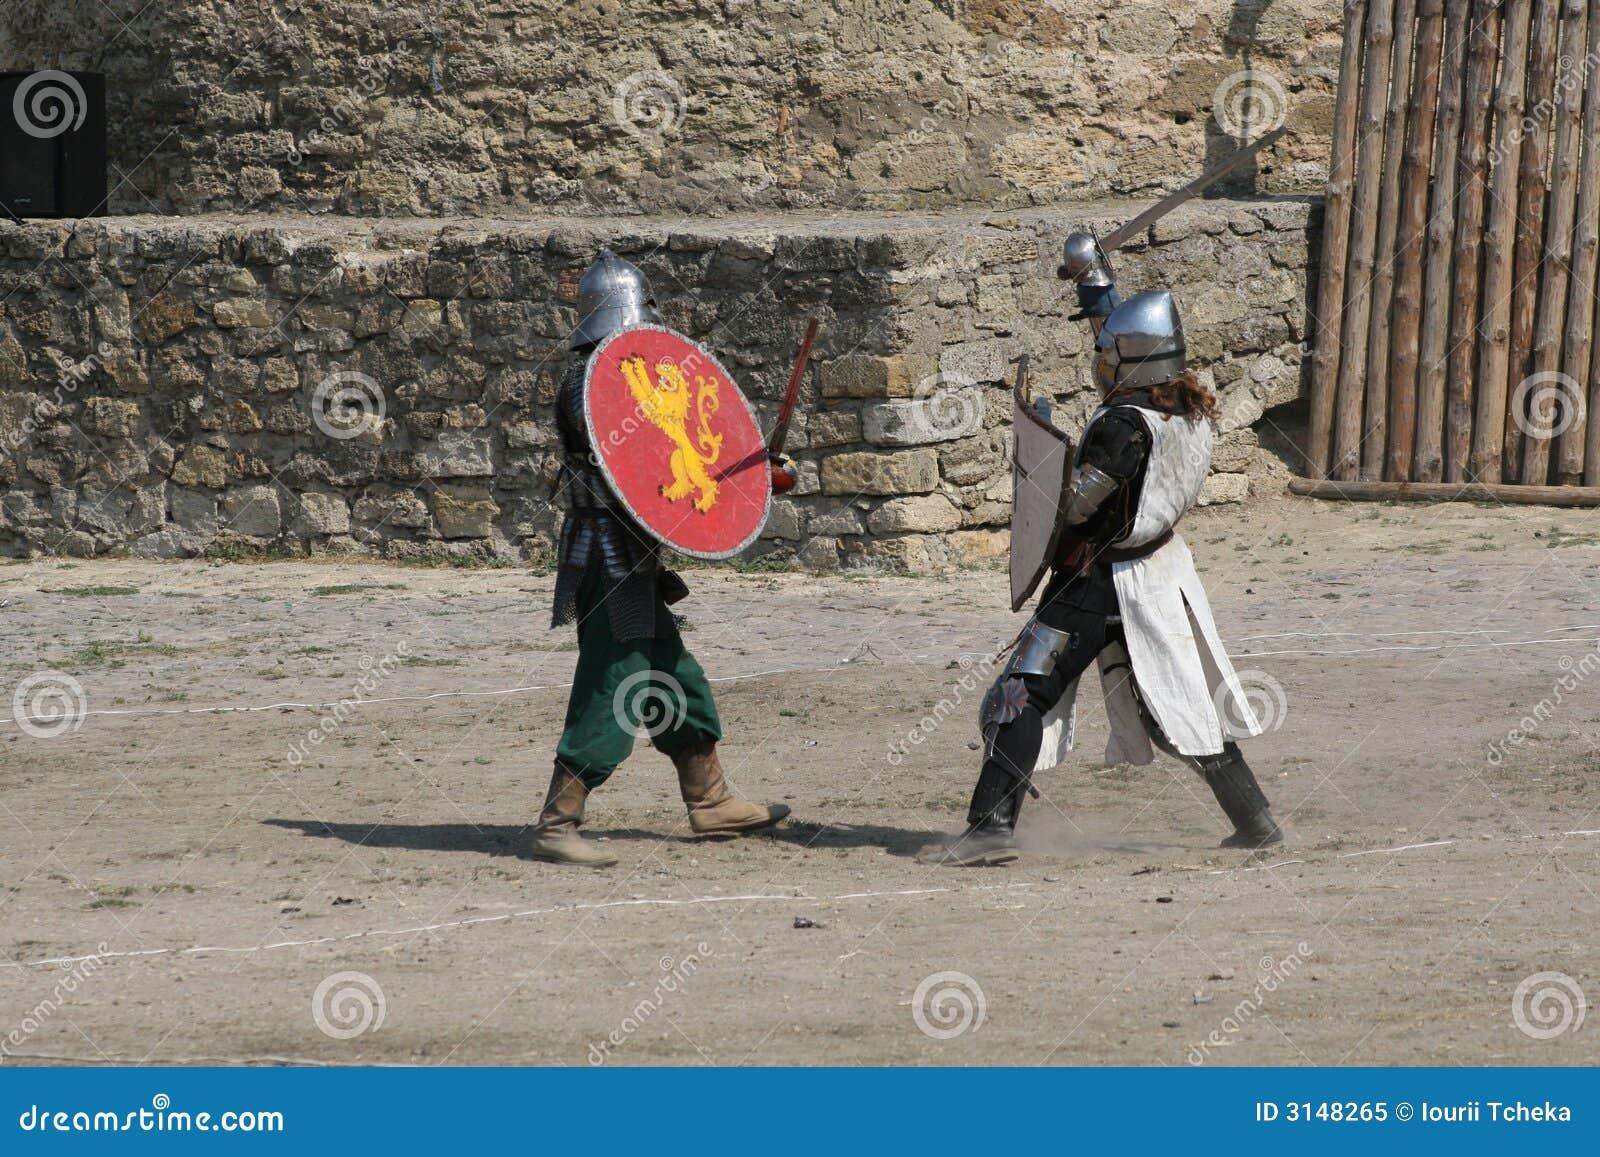 Torneo del cavaliere.